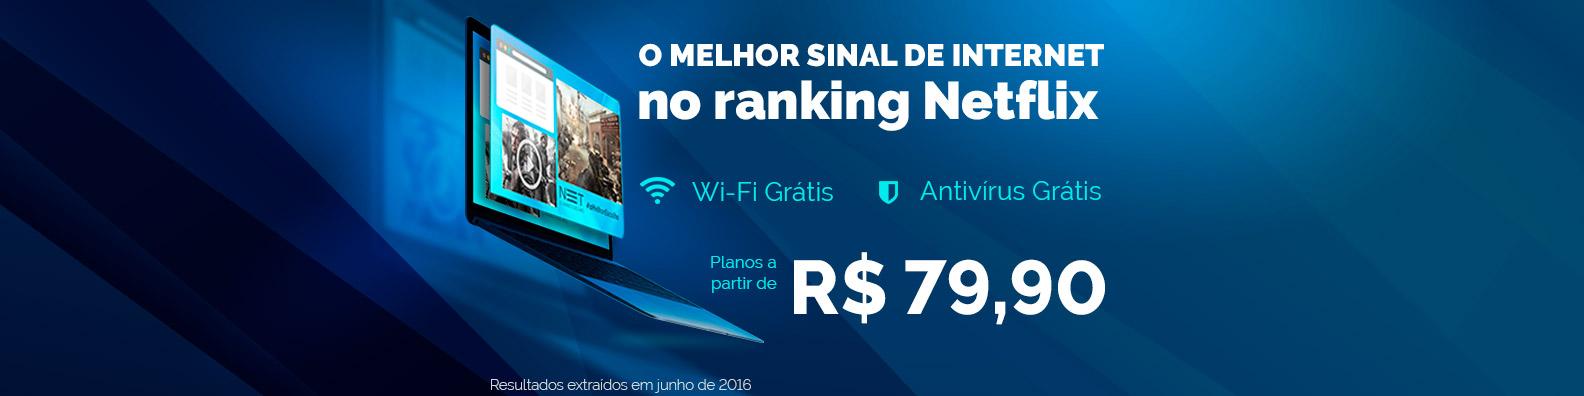 NET Vírtua 120 MEGA por R$79,00 no combo*